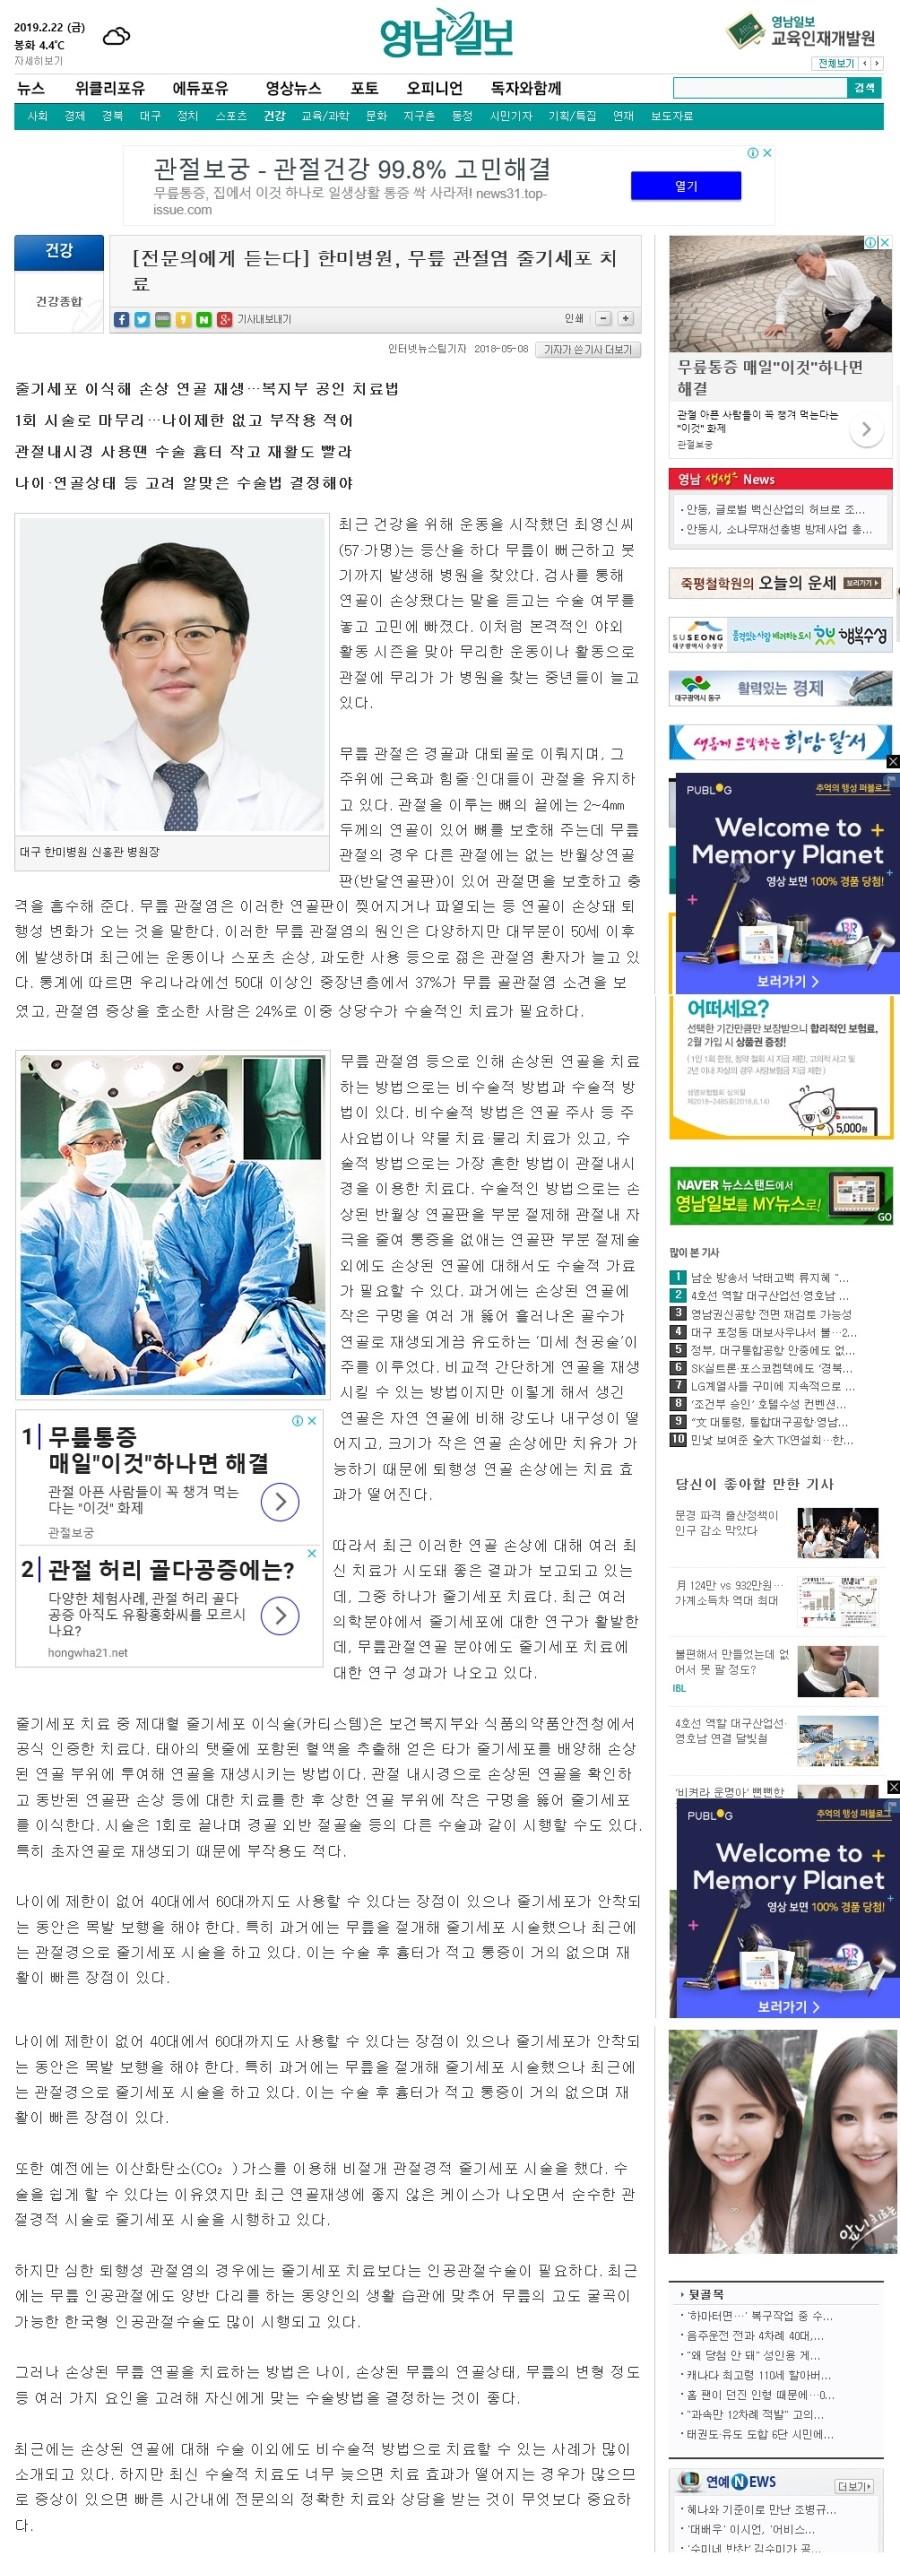 영남일보_신문기사_2.jpg